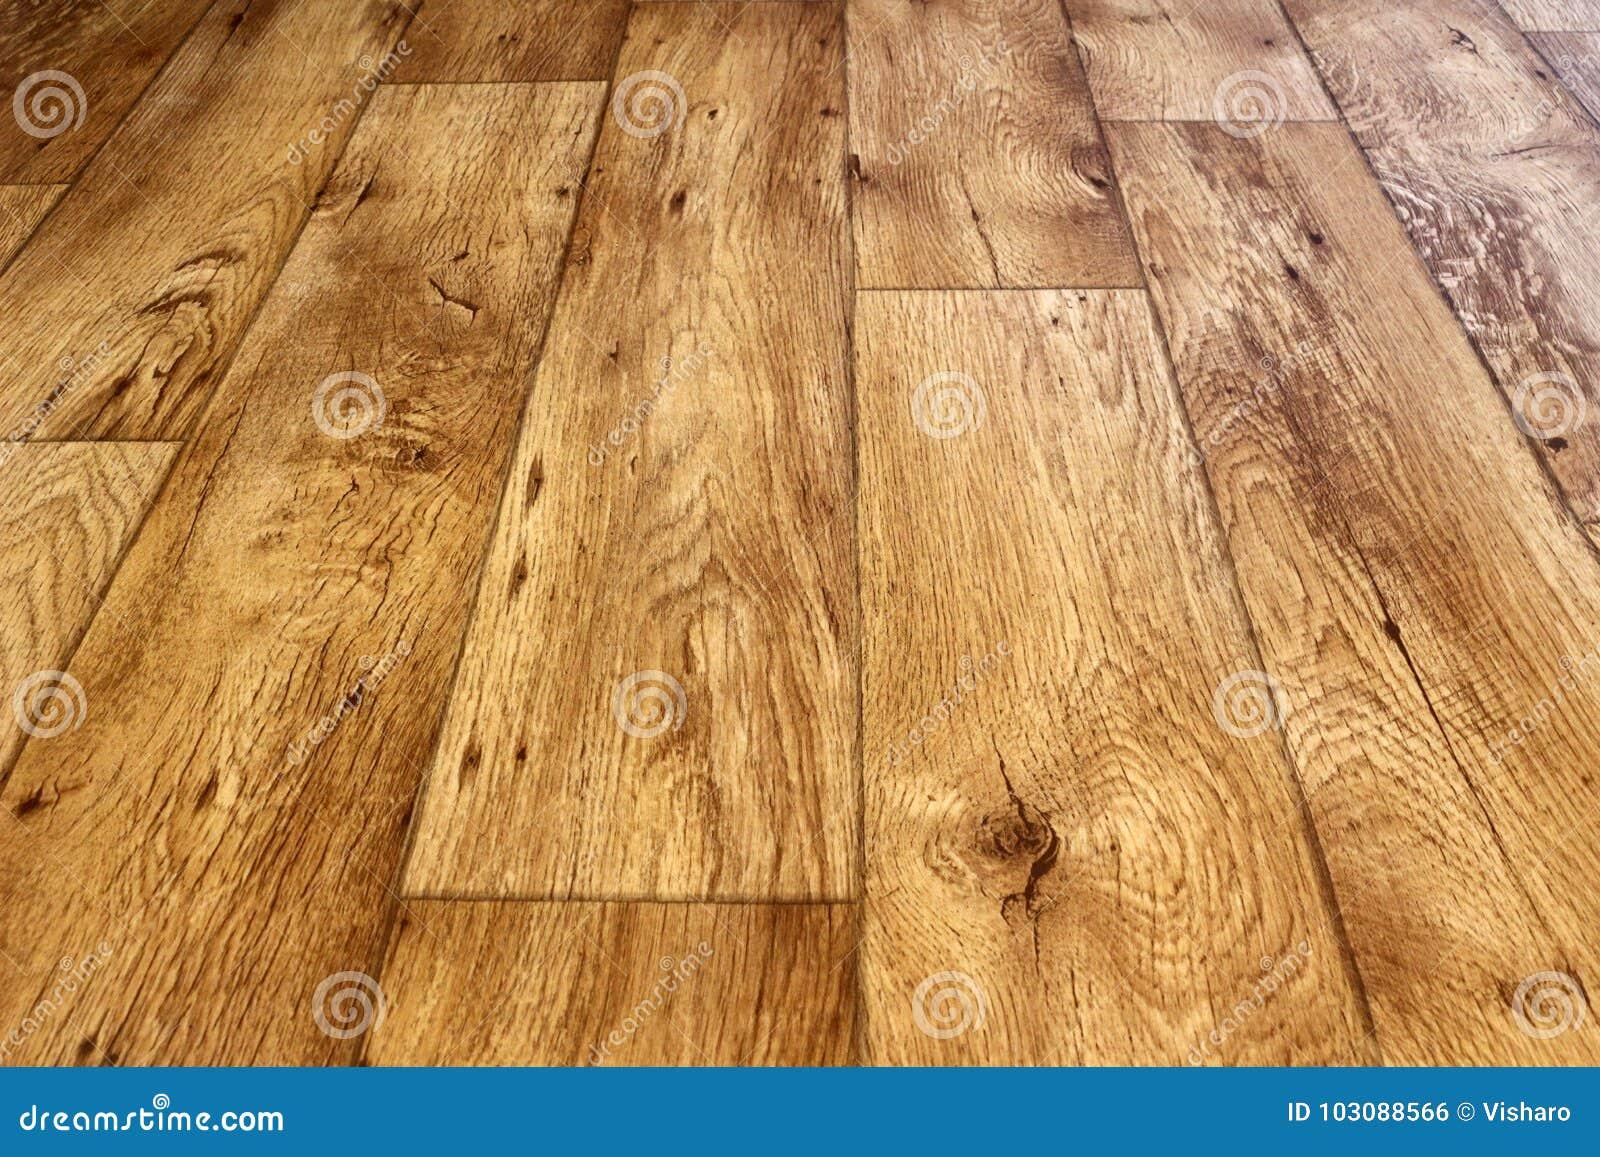 Assoalho de madeira do painel